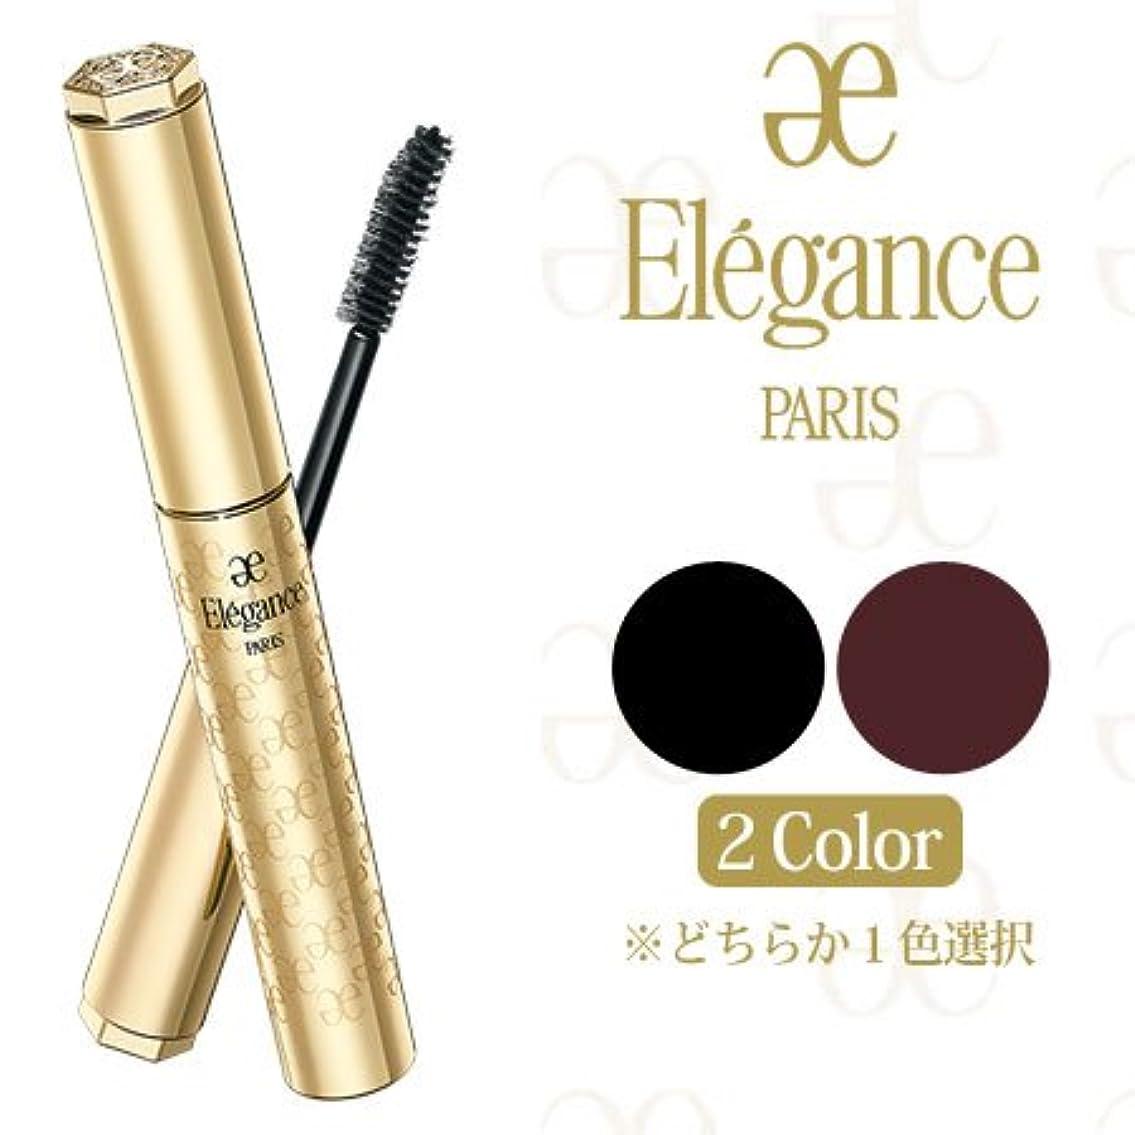 剃るホバー流用するエレガンス フルエクステンション マスカラ 2色展開 -ELEGANCE- BR20